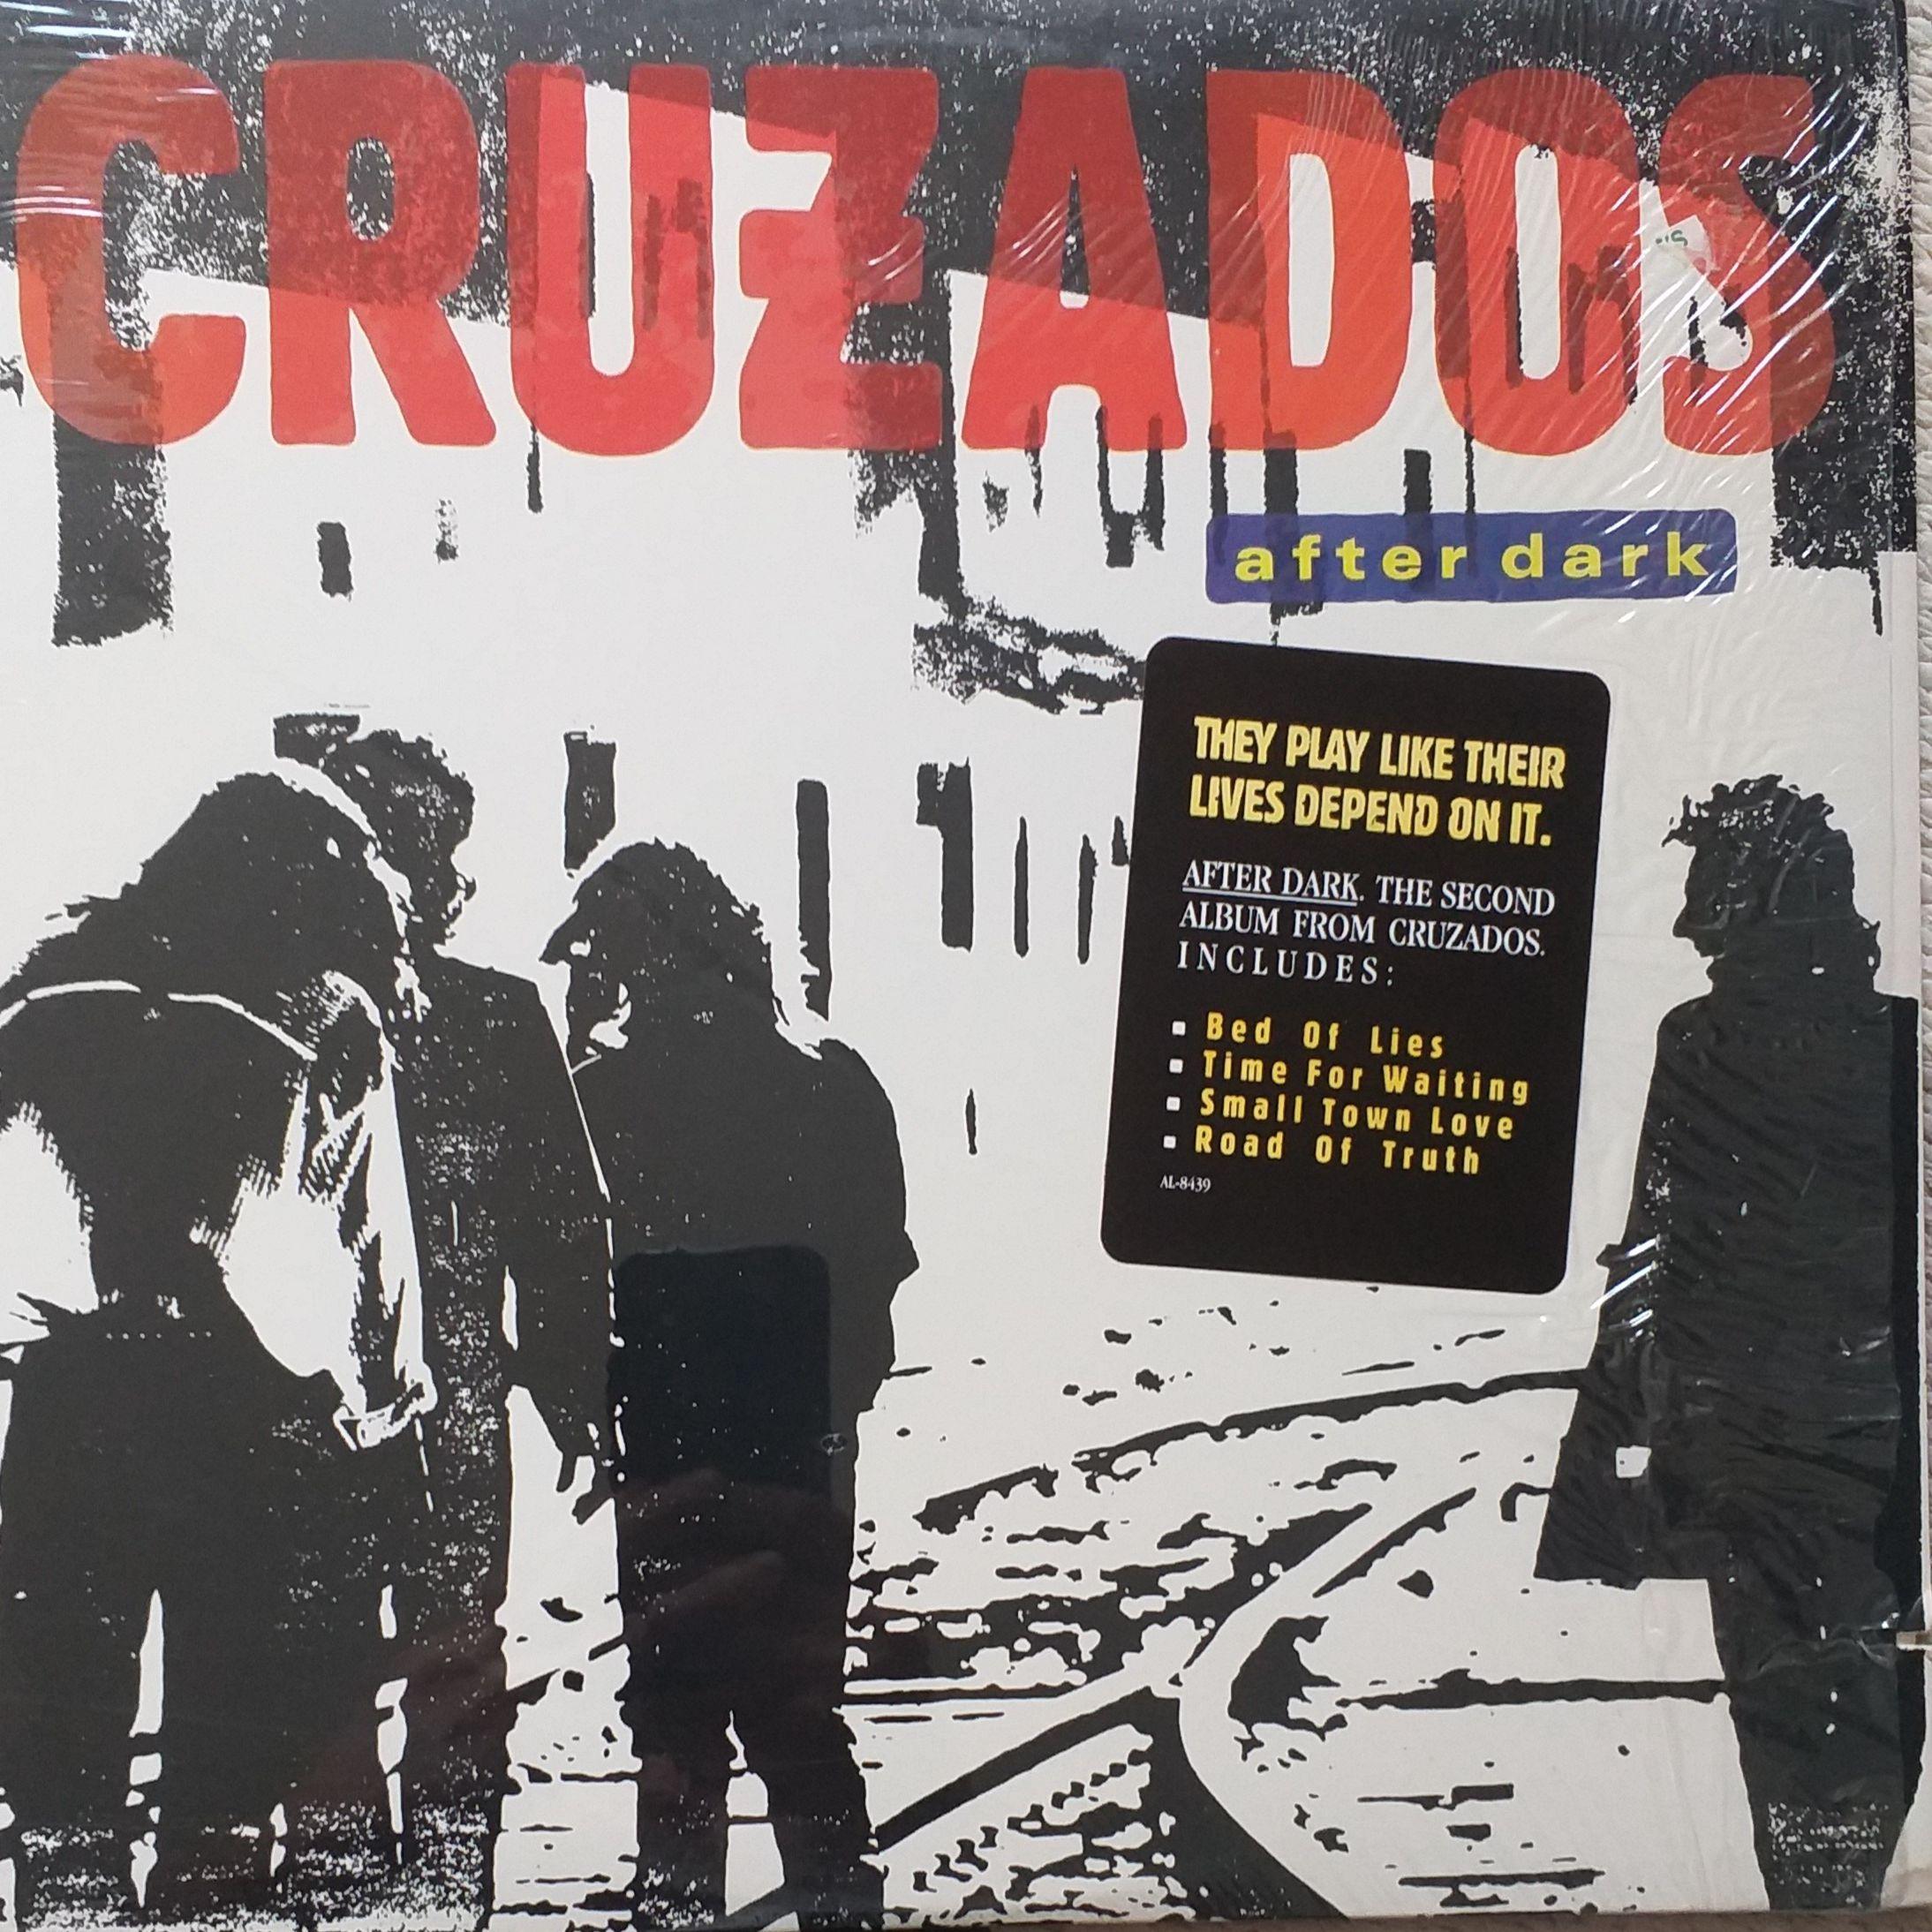 Cruzados After dark LP undefined